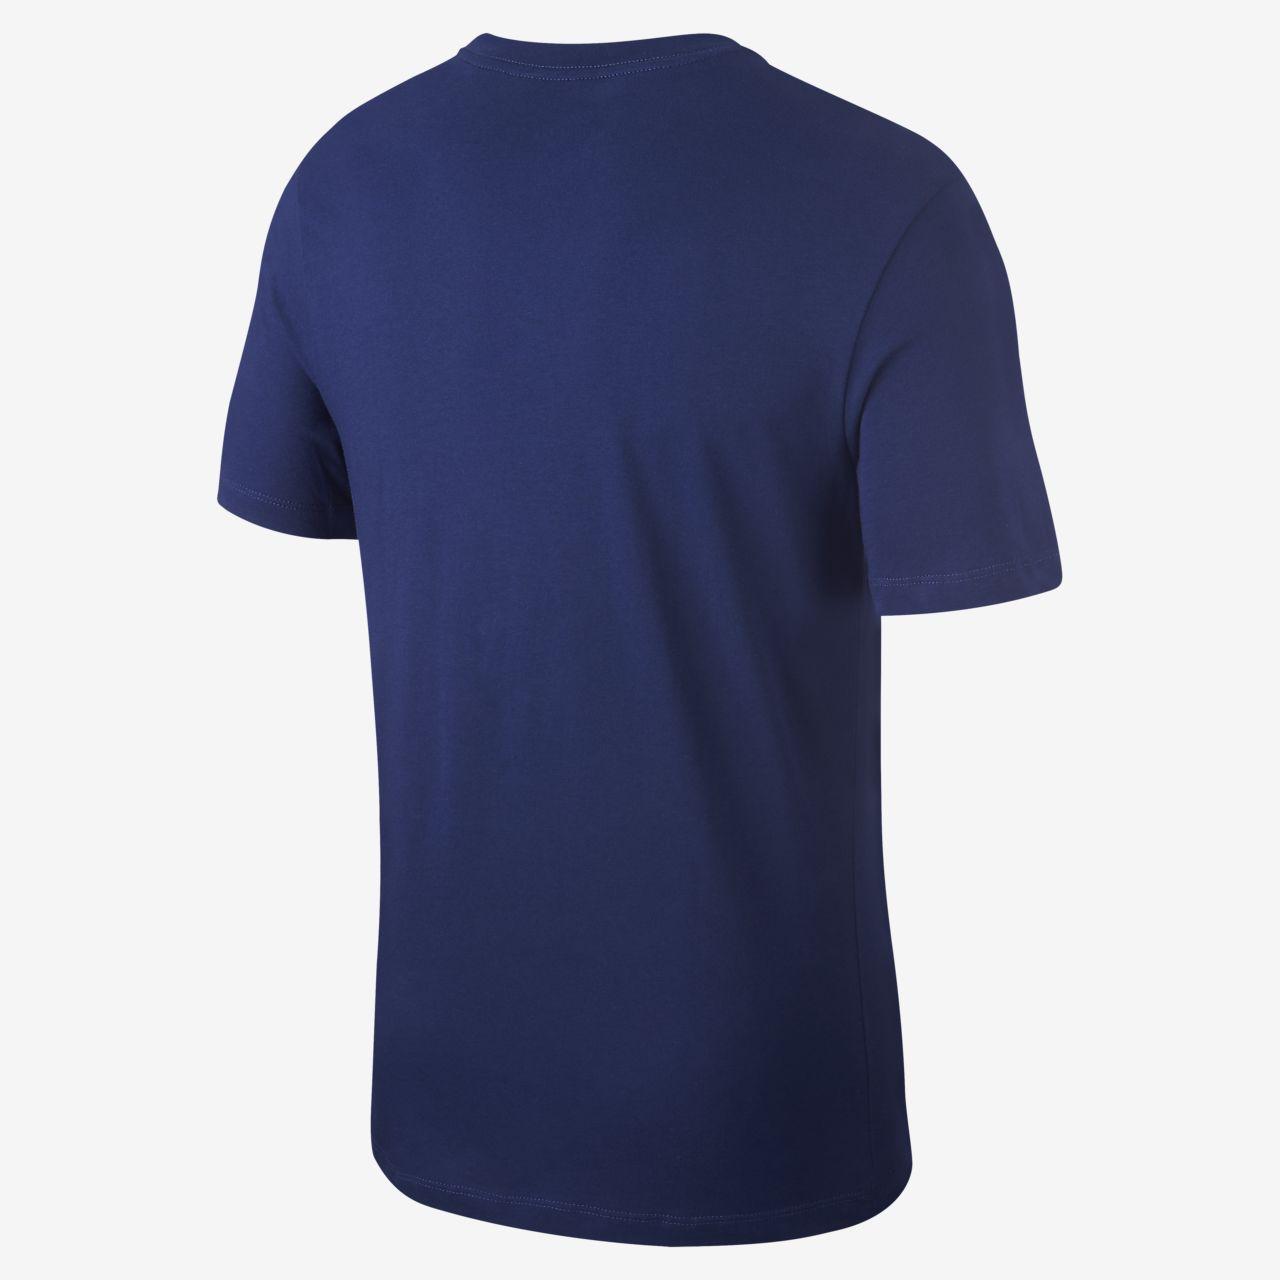 the best attitude 494c4 d9fb7 ... T-shirt Tottenham Hotspur för män